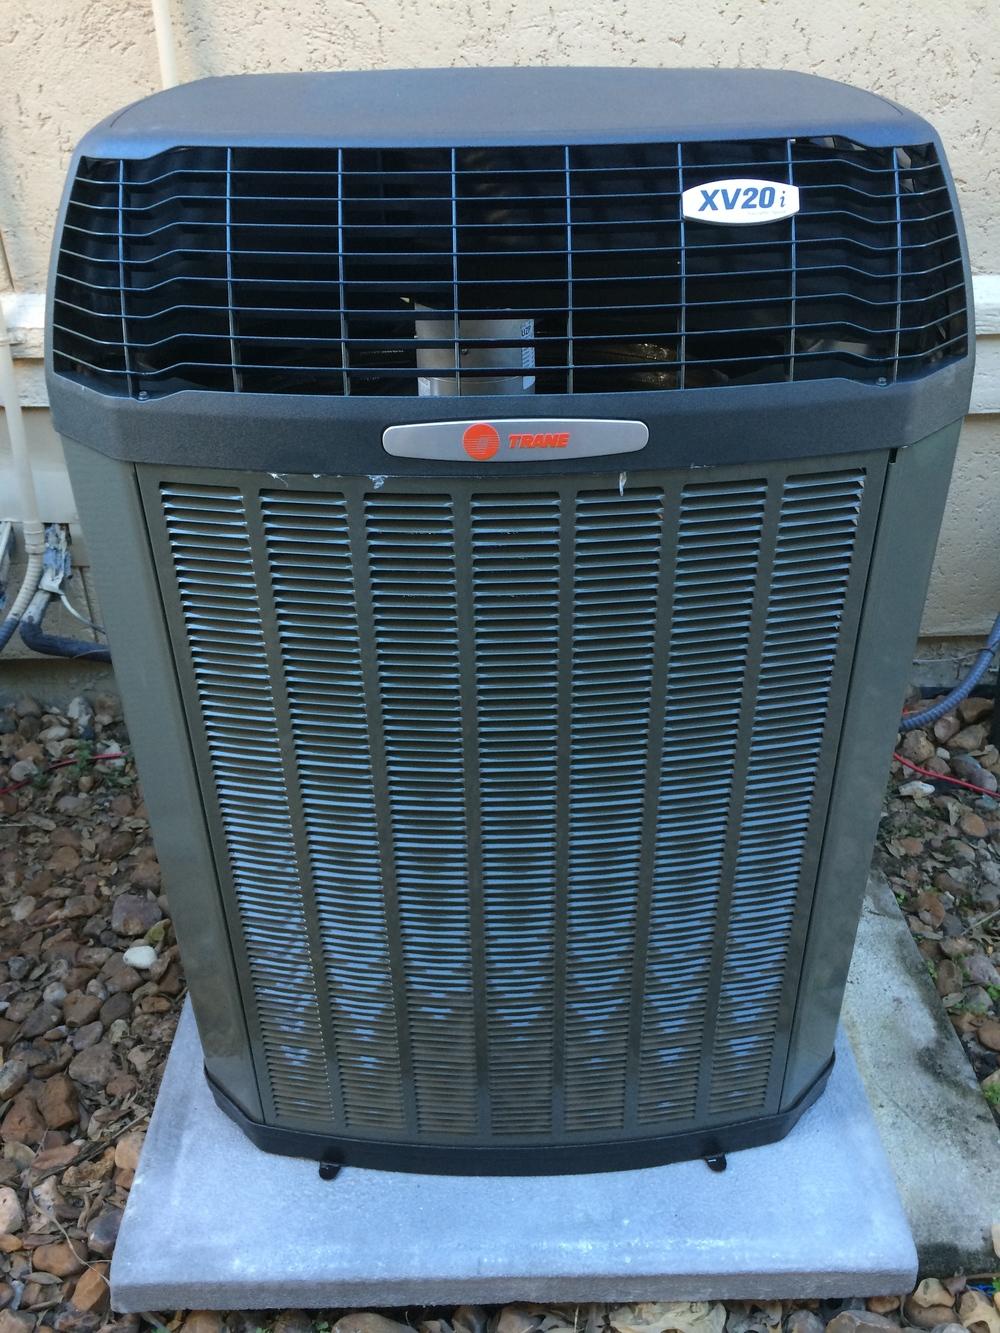 Trane XV20i Condenser installed Houston, TX